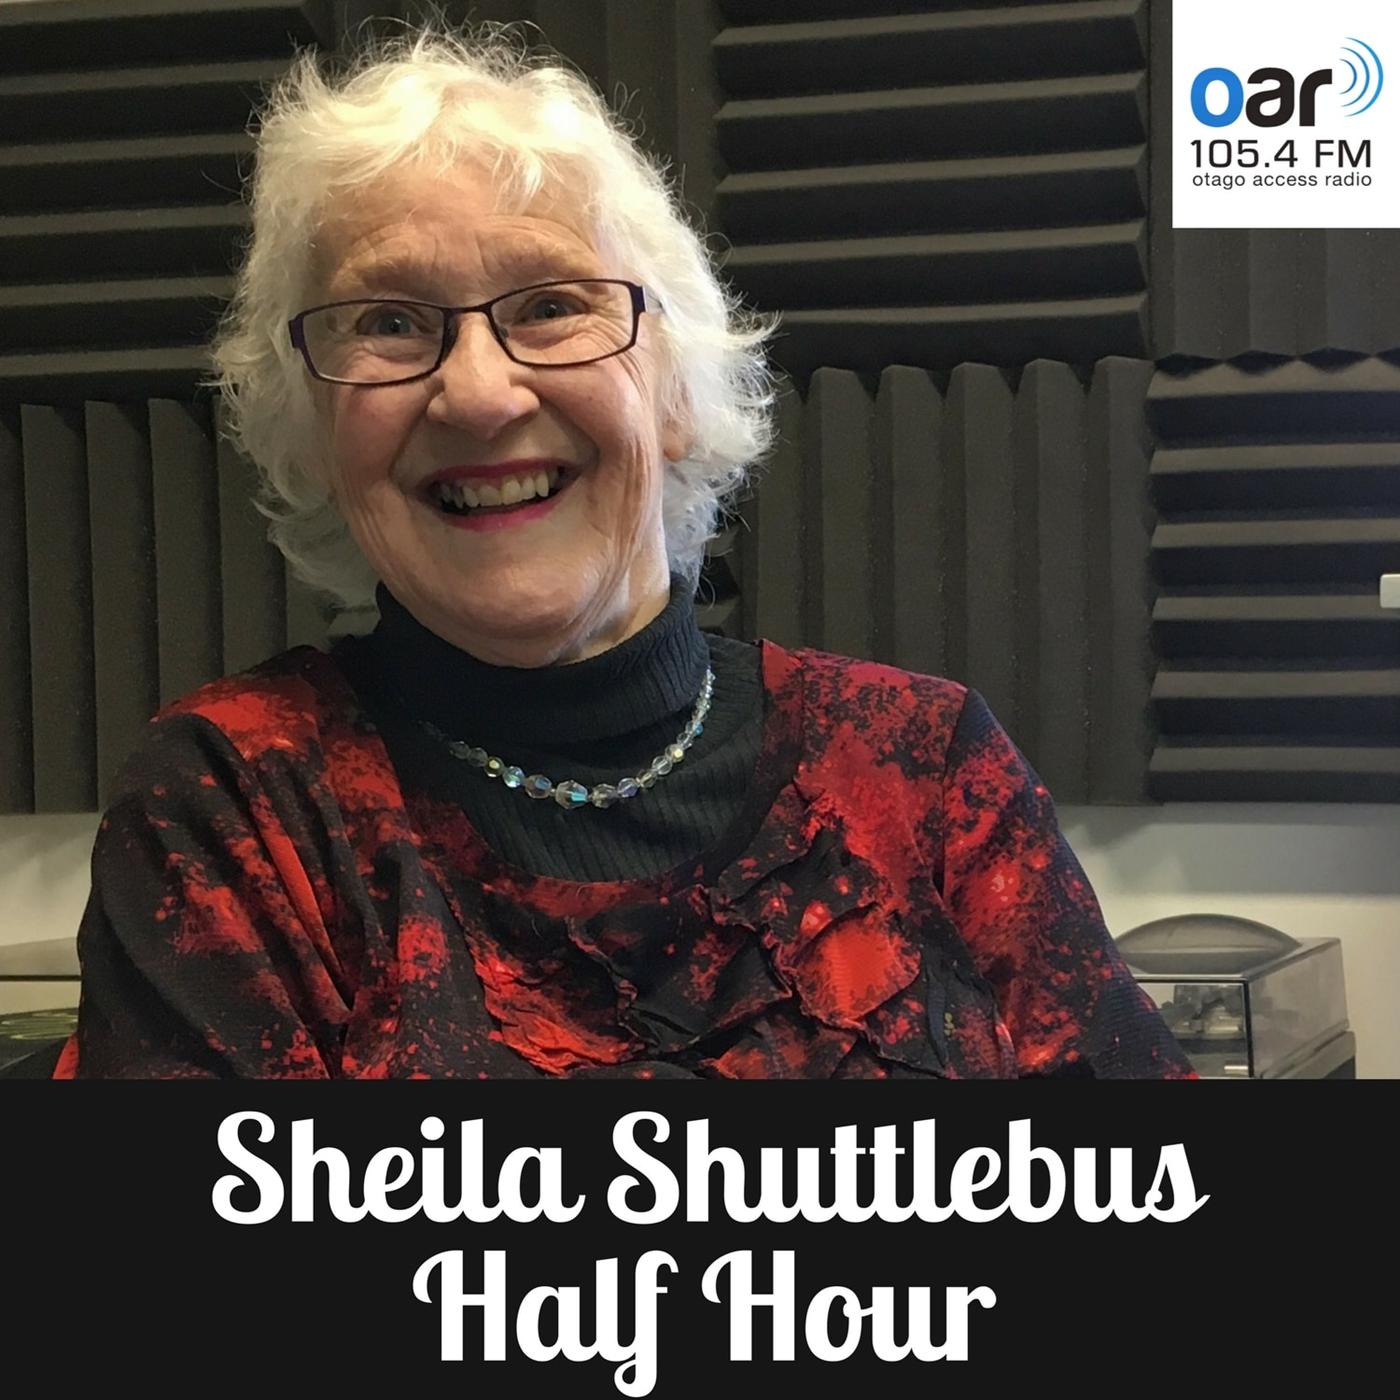 Sheila Shuttlebus Half Hour - 14-01-2019 - Show 217